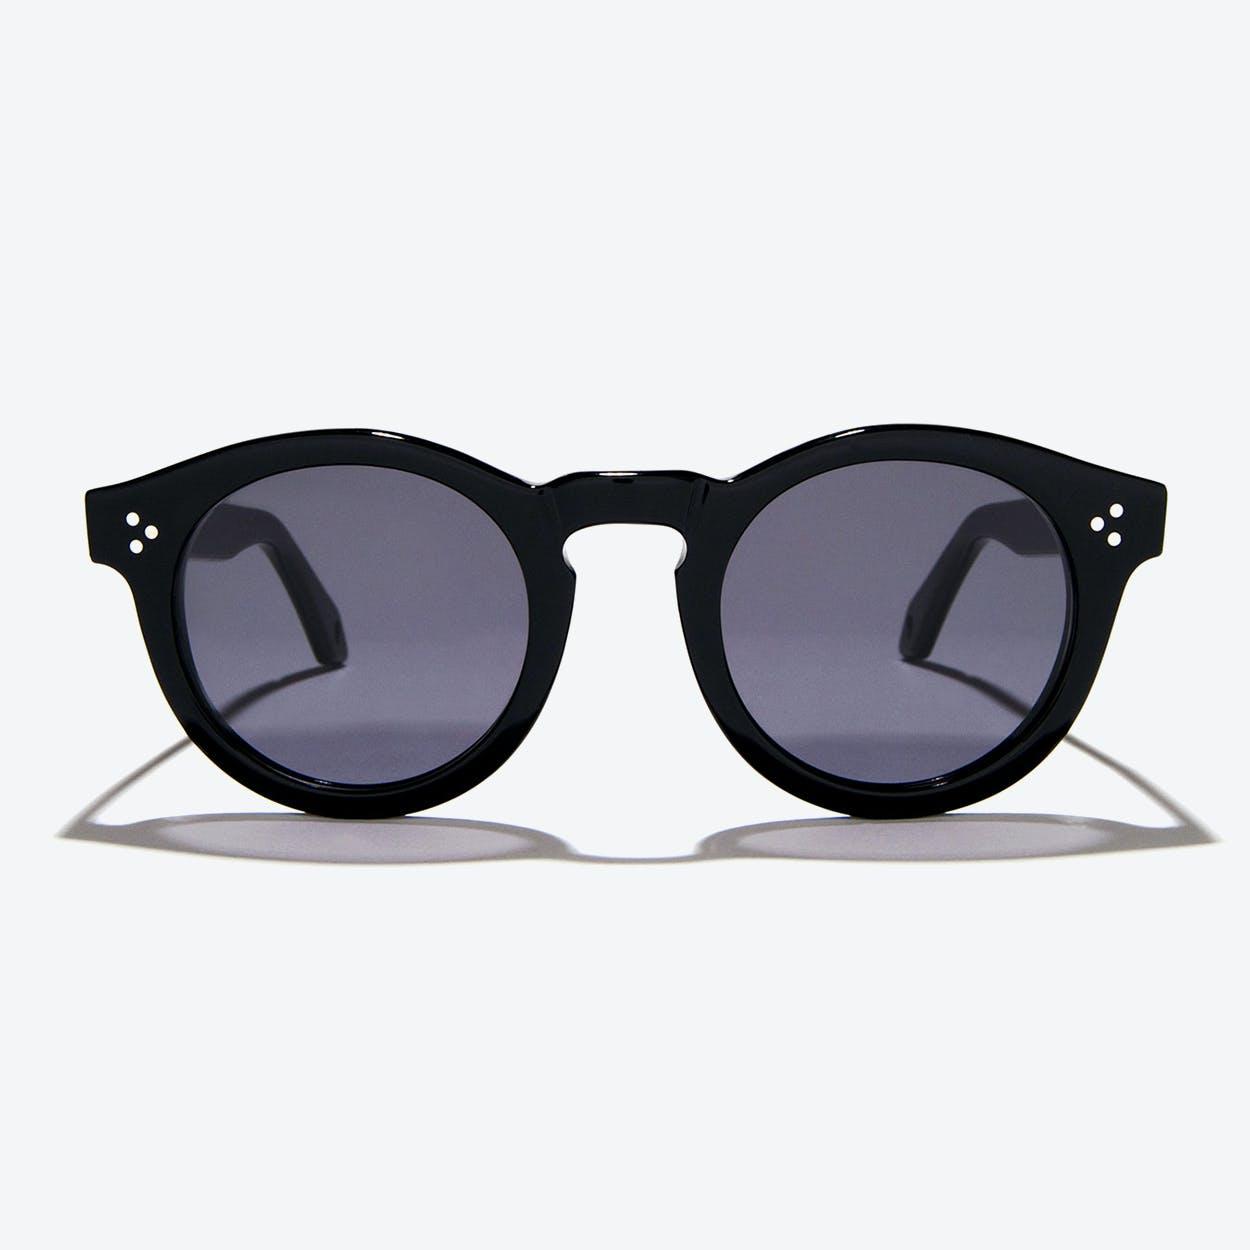 Orpheus Sunglasses in Black